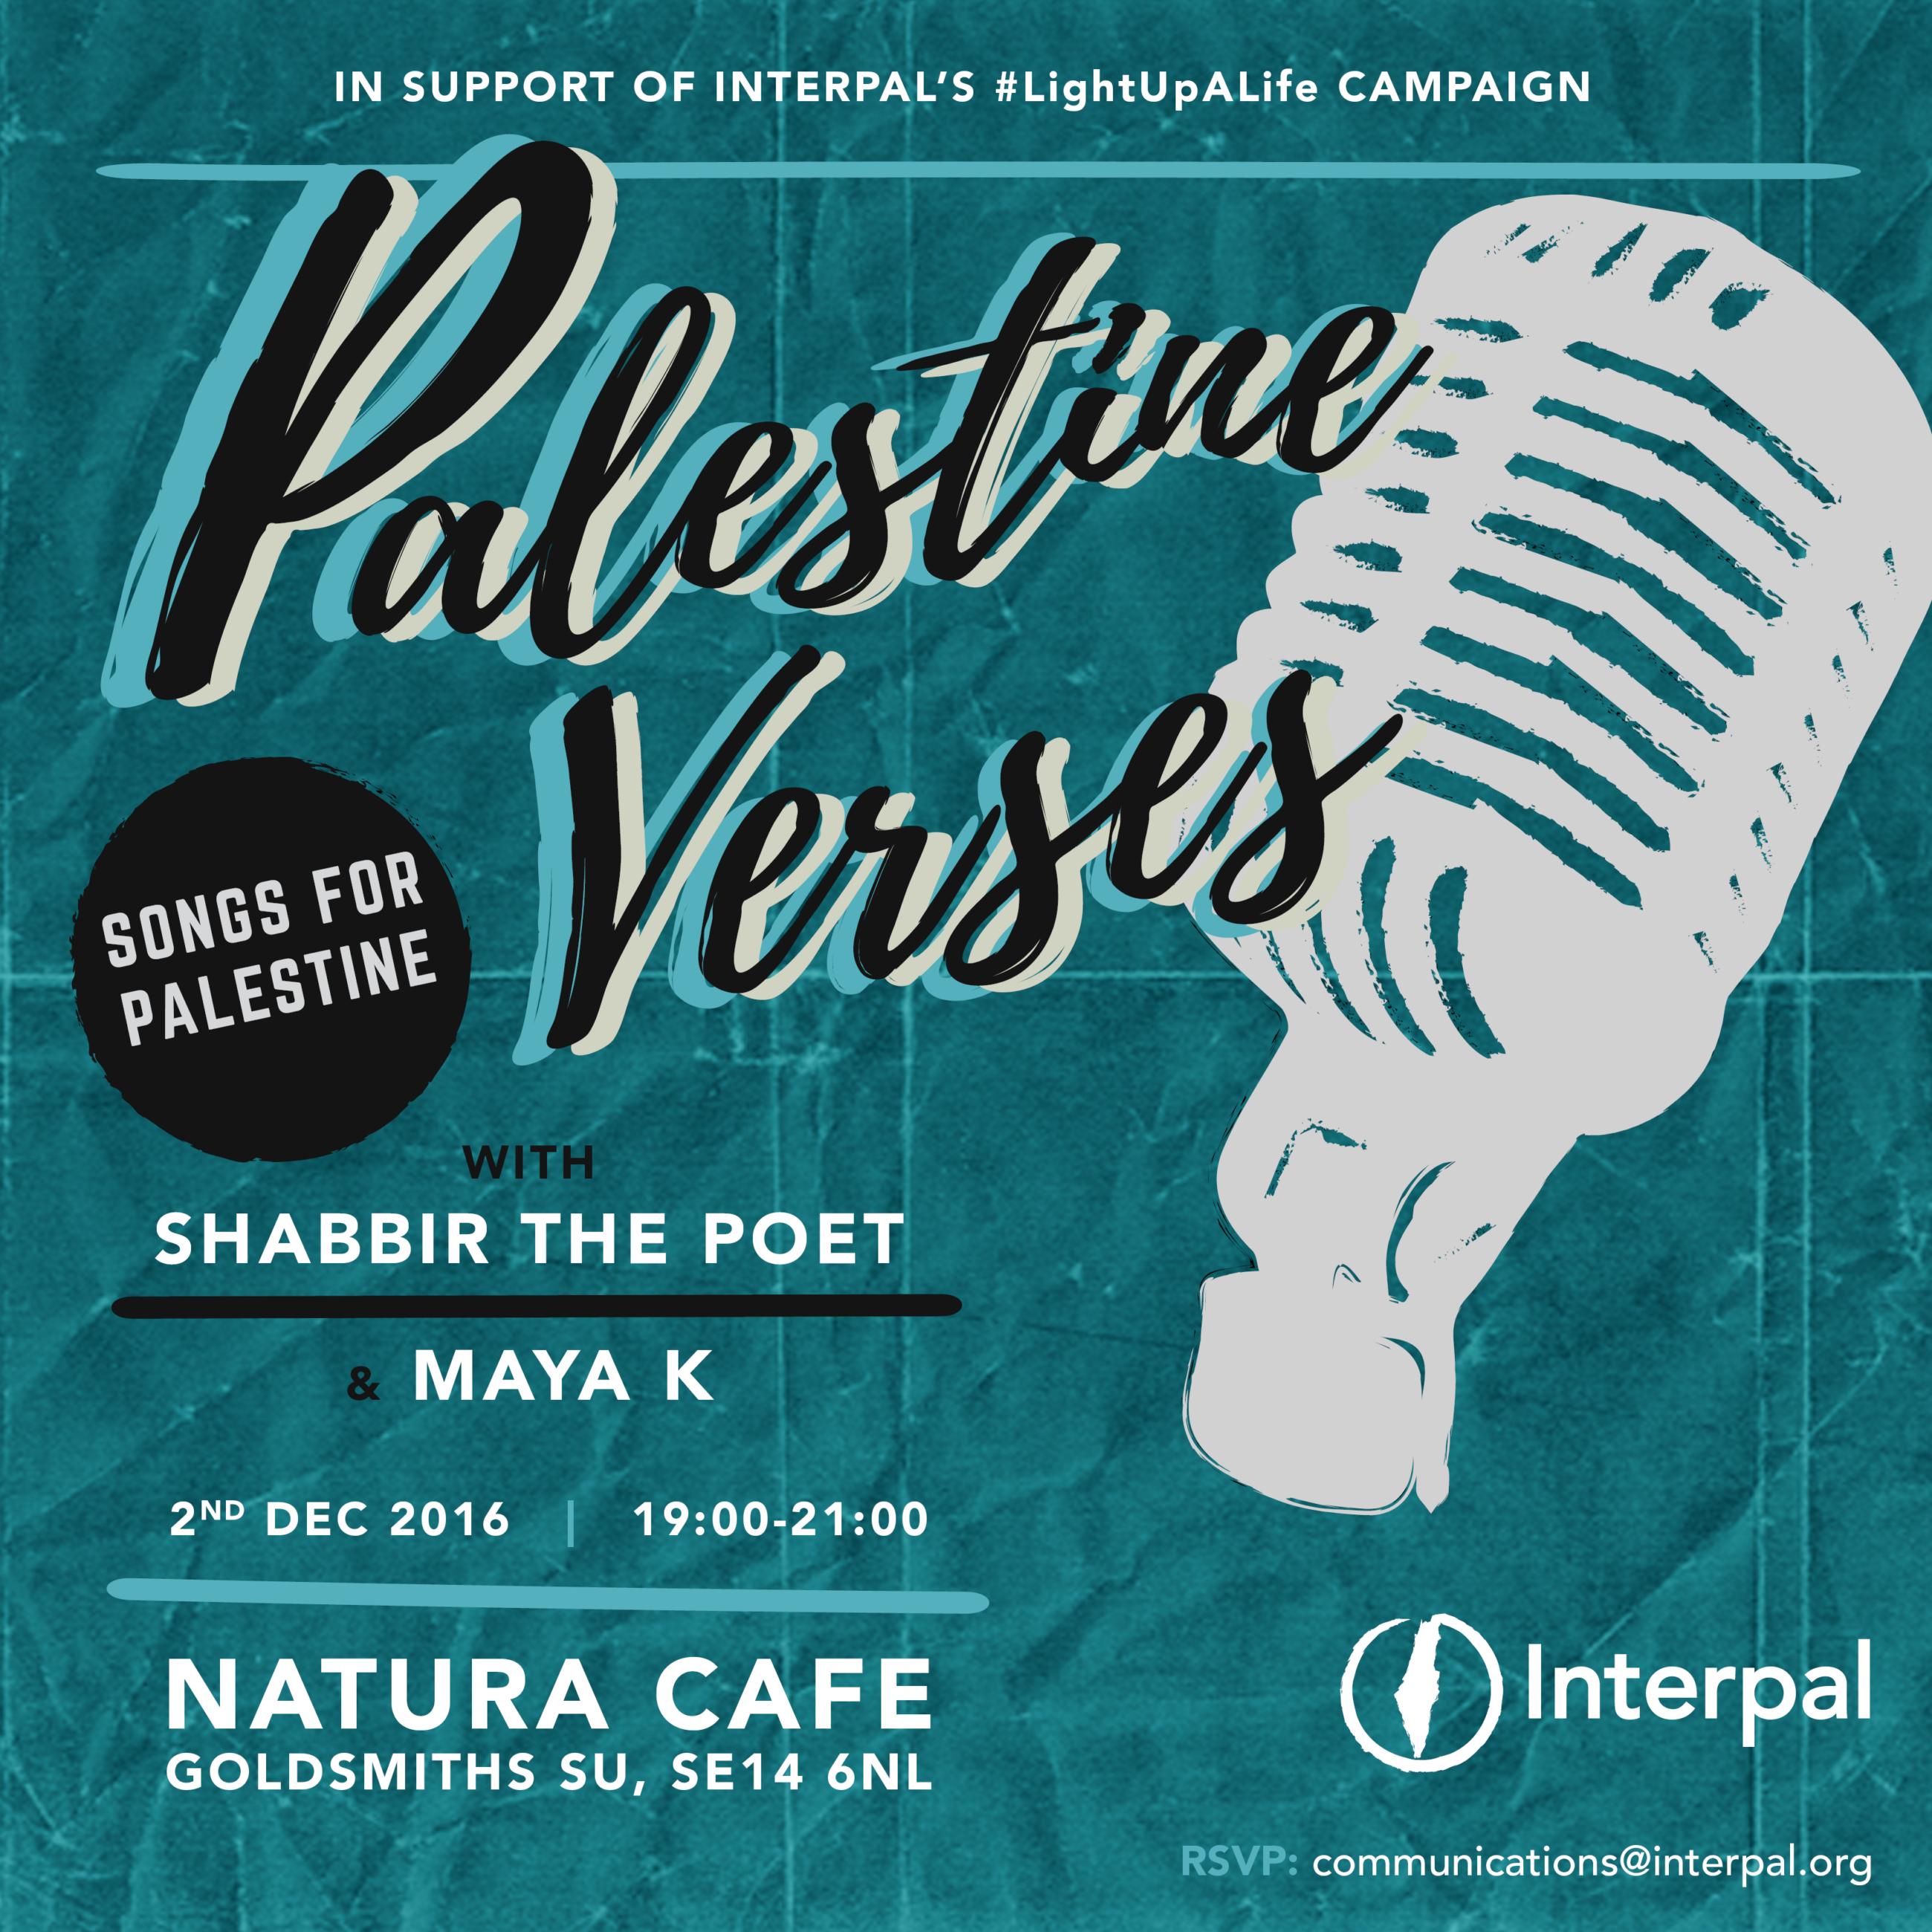 Palestine Verses: Songs for Palestine